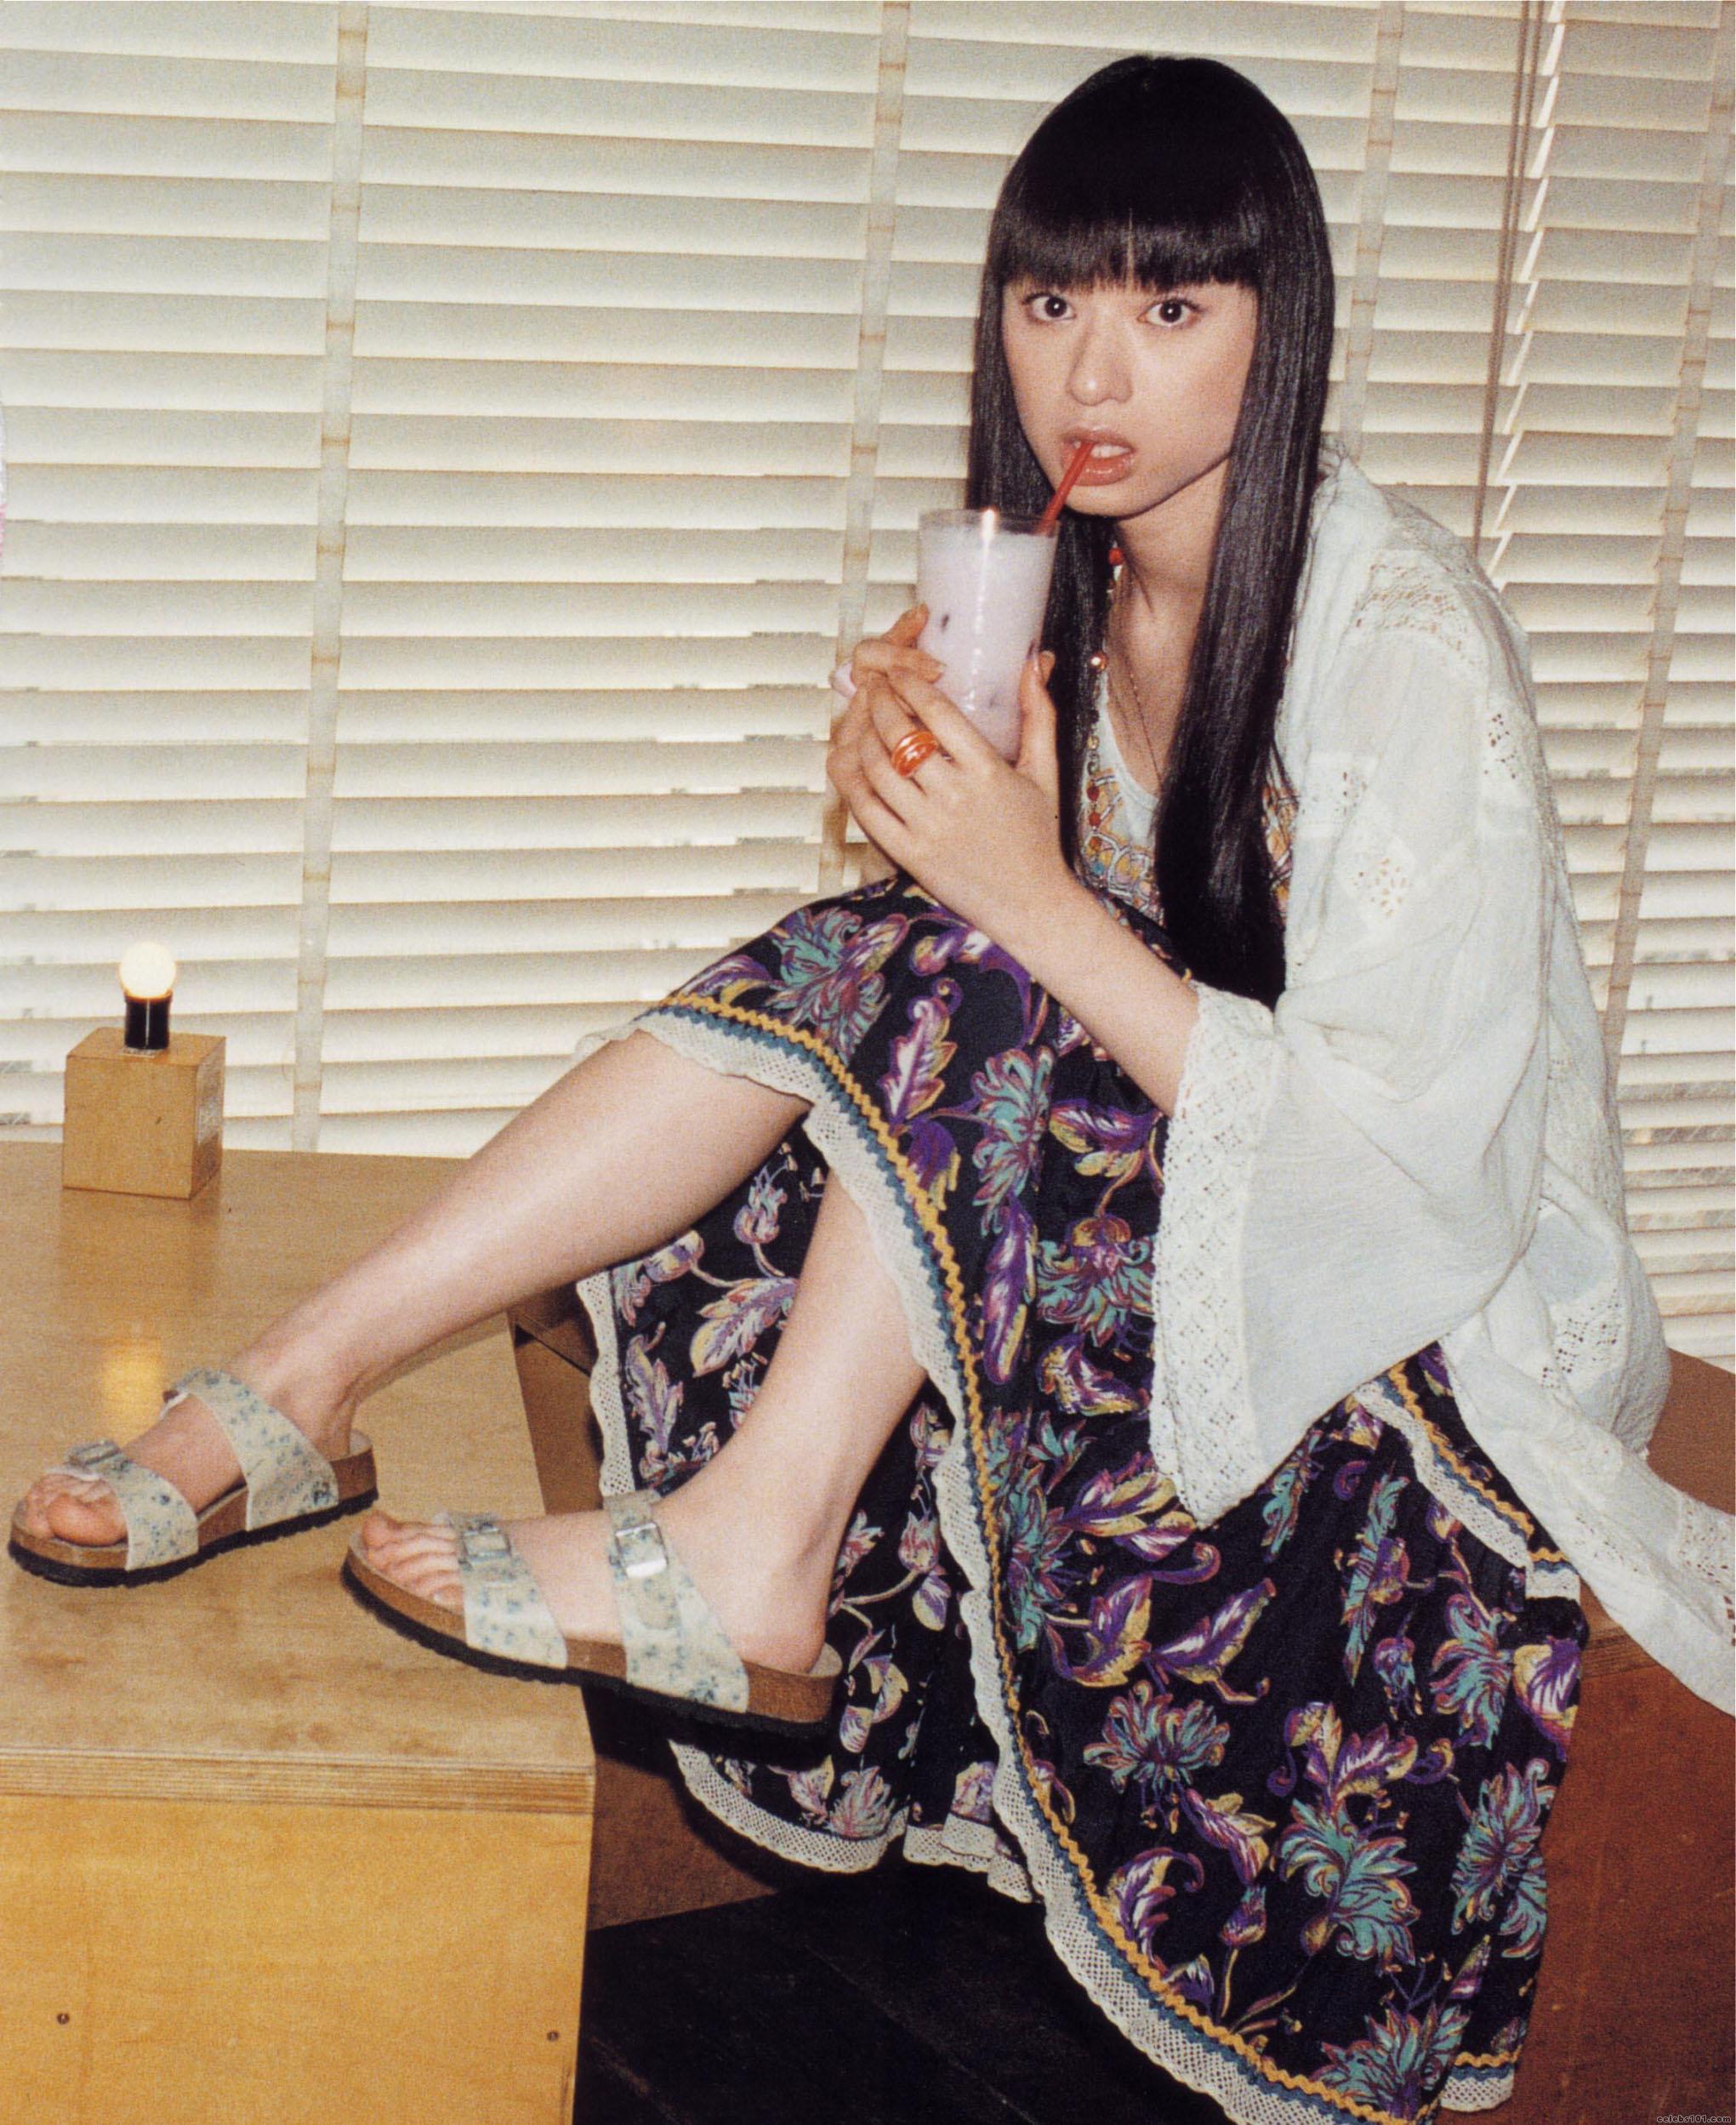 chiaki kuriyama nude Kuriyama Chiaki Nude